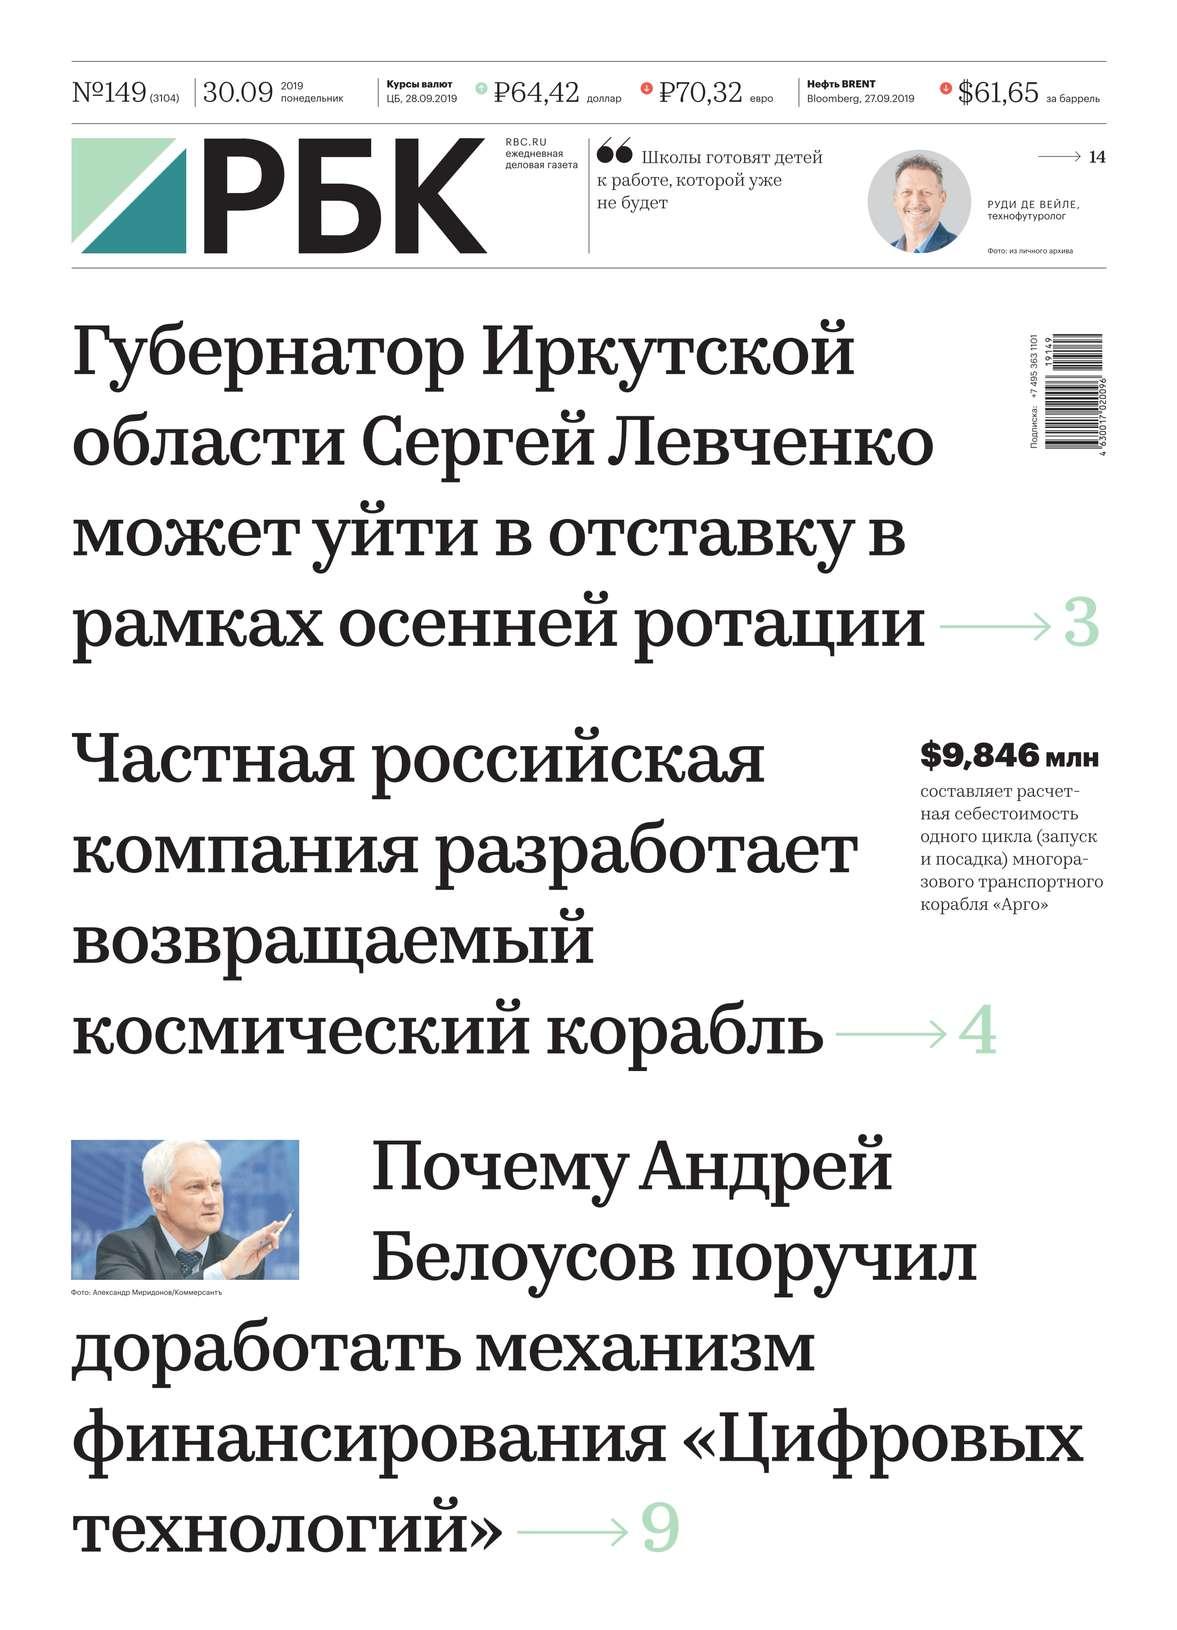 Ежедневная Деловая Газета Рбк 149-2019